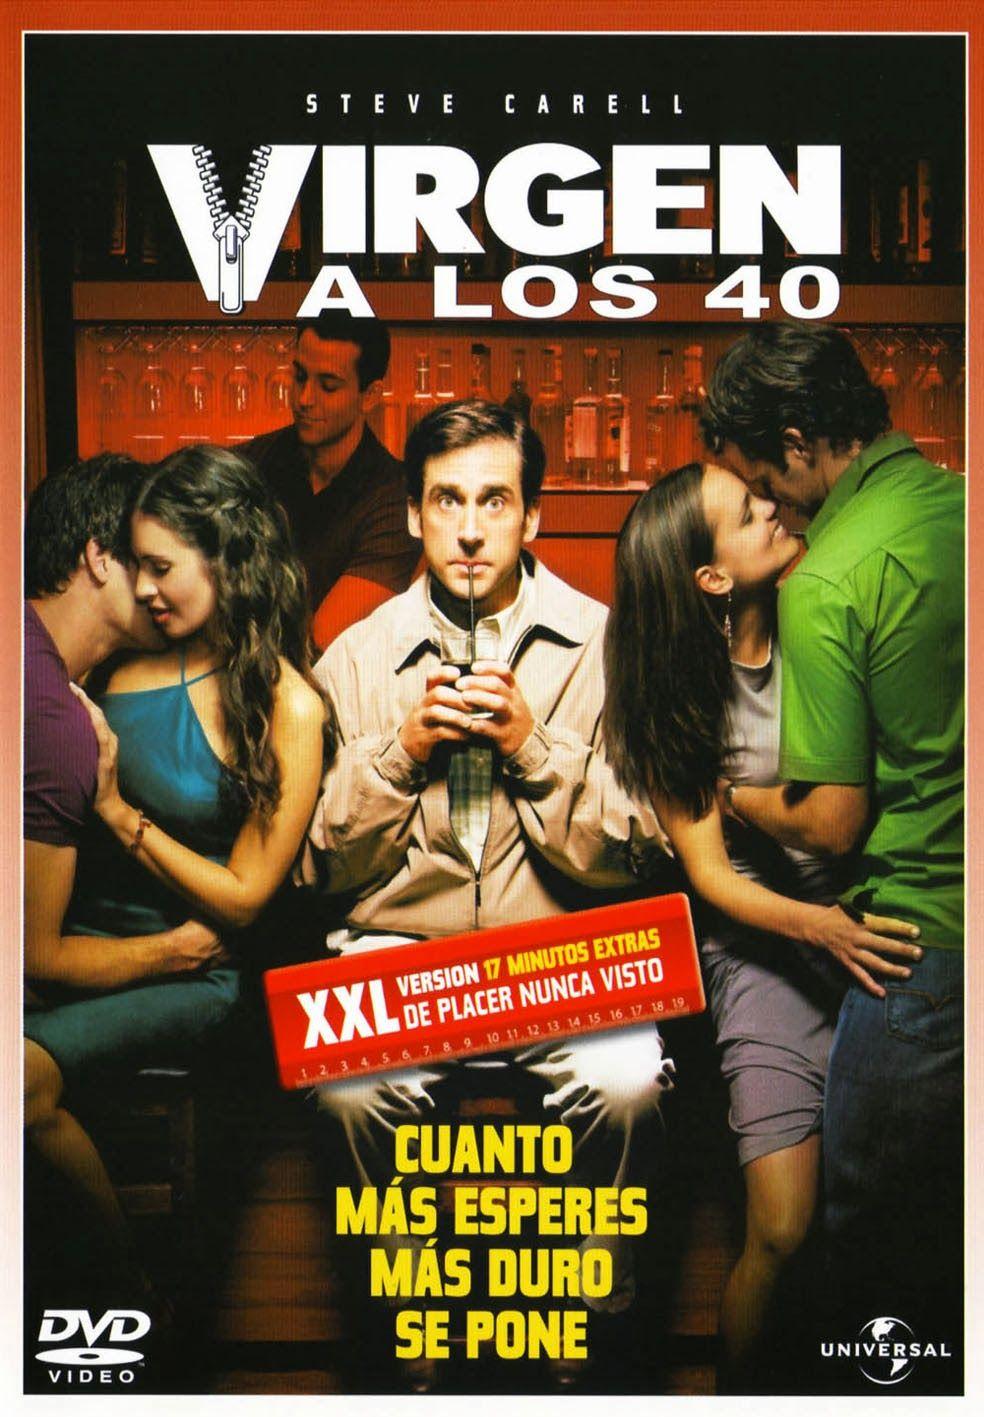 The 40 Year Old Virgin 2005 Virgen A Los 40 Virgen A Los 40 Películas En Línea Películas En Línea Gratis